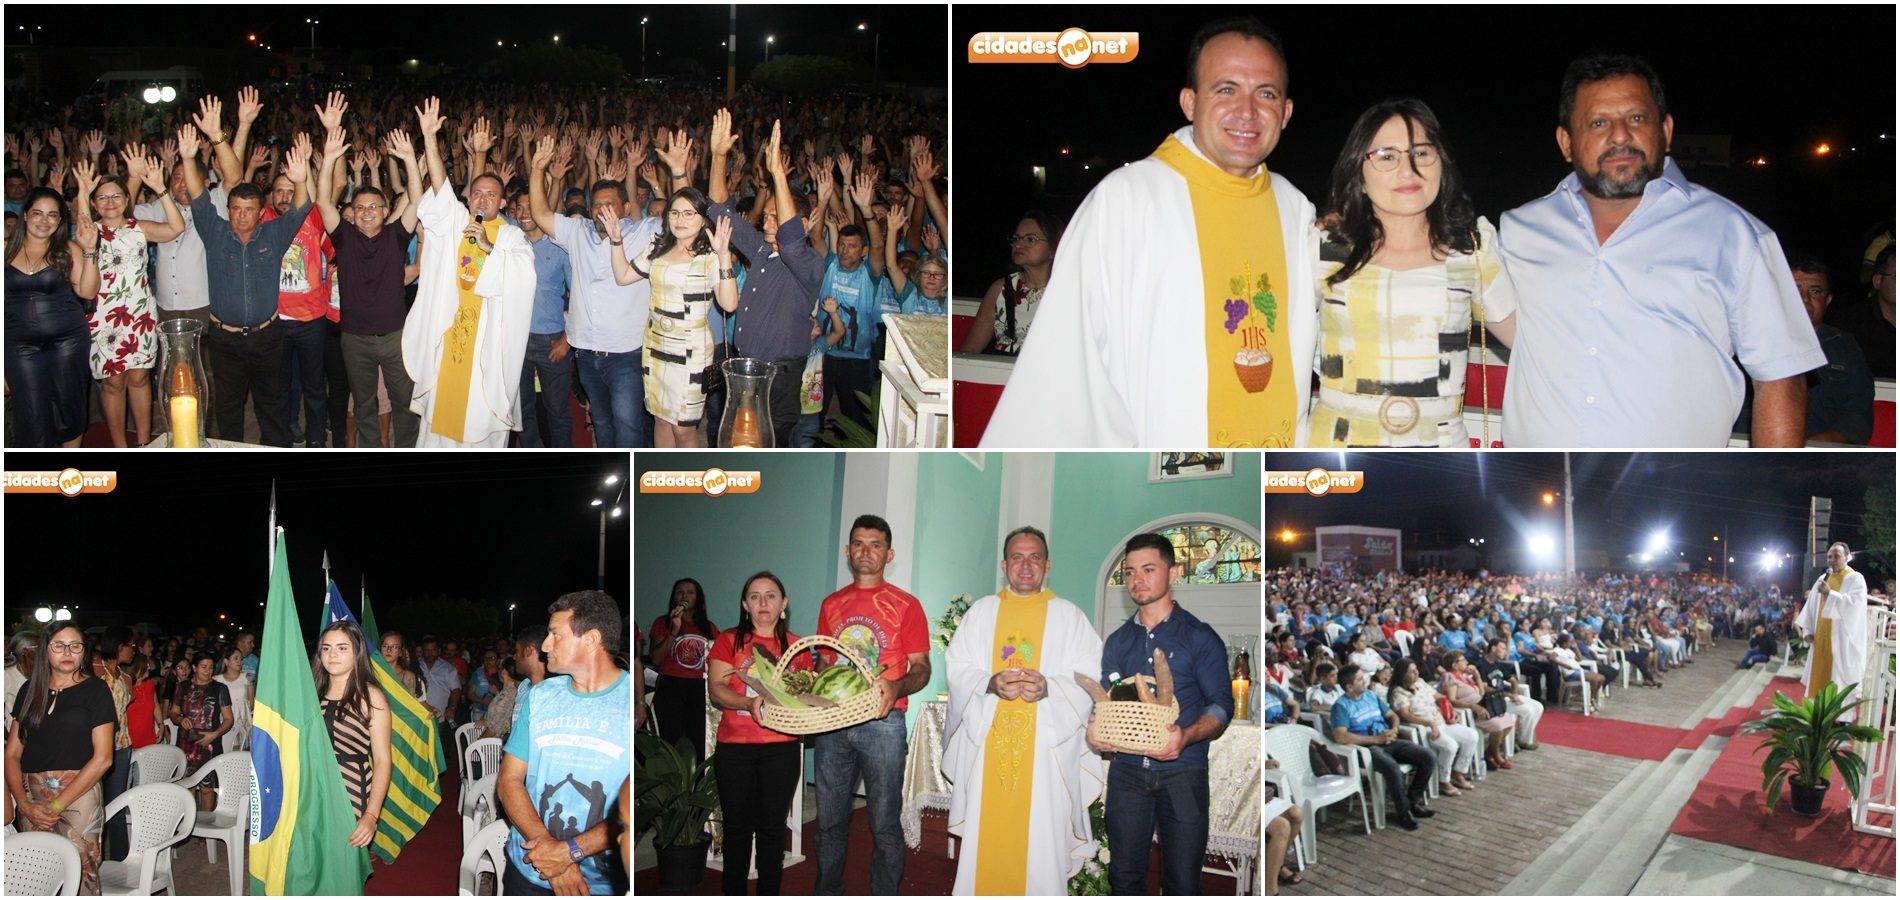 Reunindo multidão, missa celebra Dia do Católico e aniversário de 24 anos de Belém do Piauí